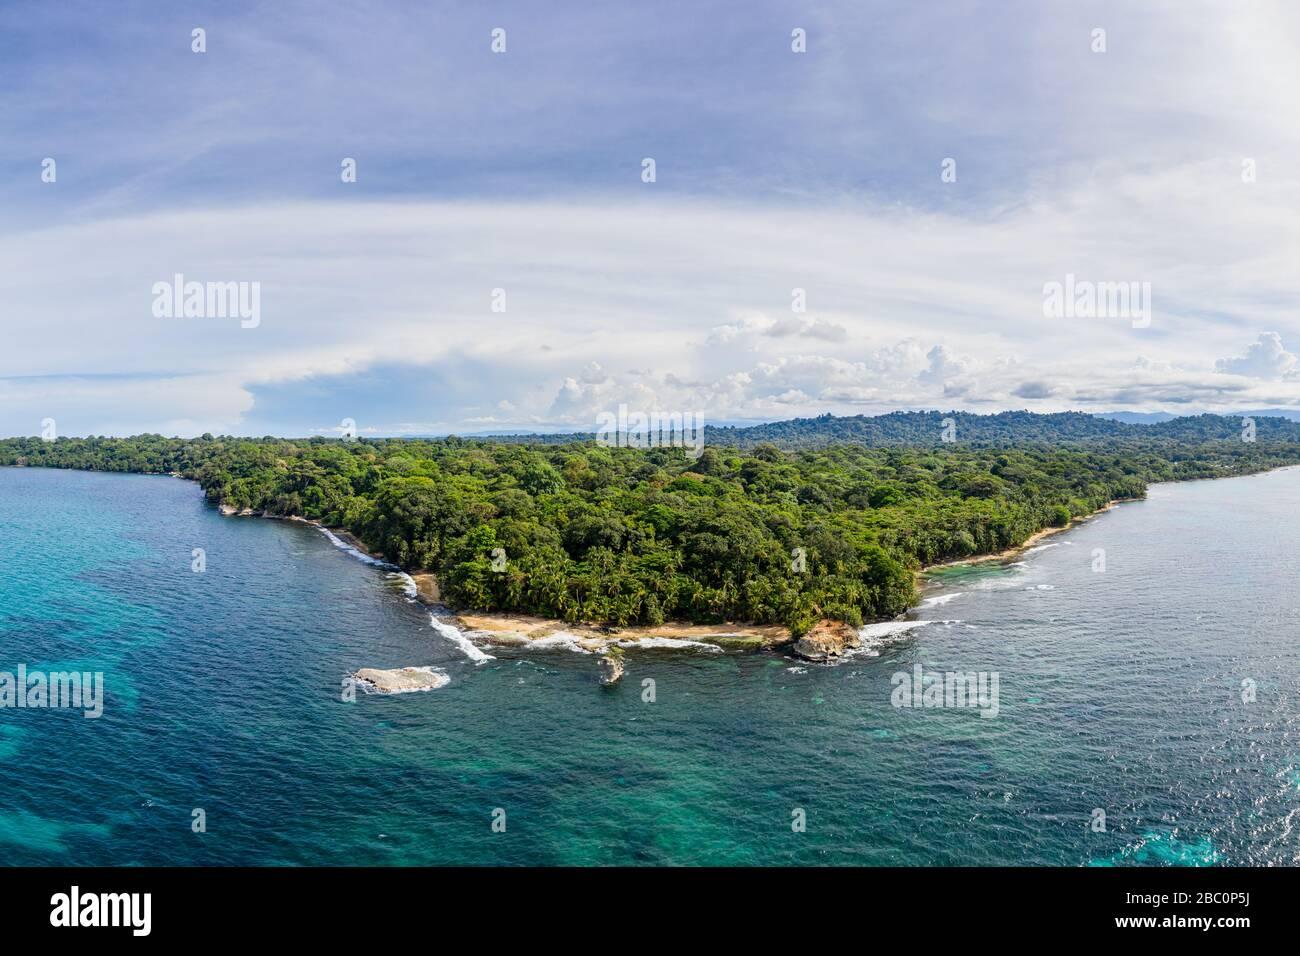 Vue aérienne de la côte des Caraïbes de la réserve naturelle de Gandoca Manzanillo dans la province de Limón, dans l'est du Costa Rica. Banque D'Images